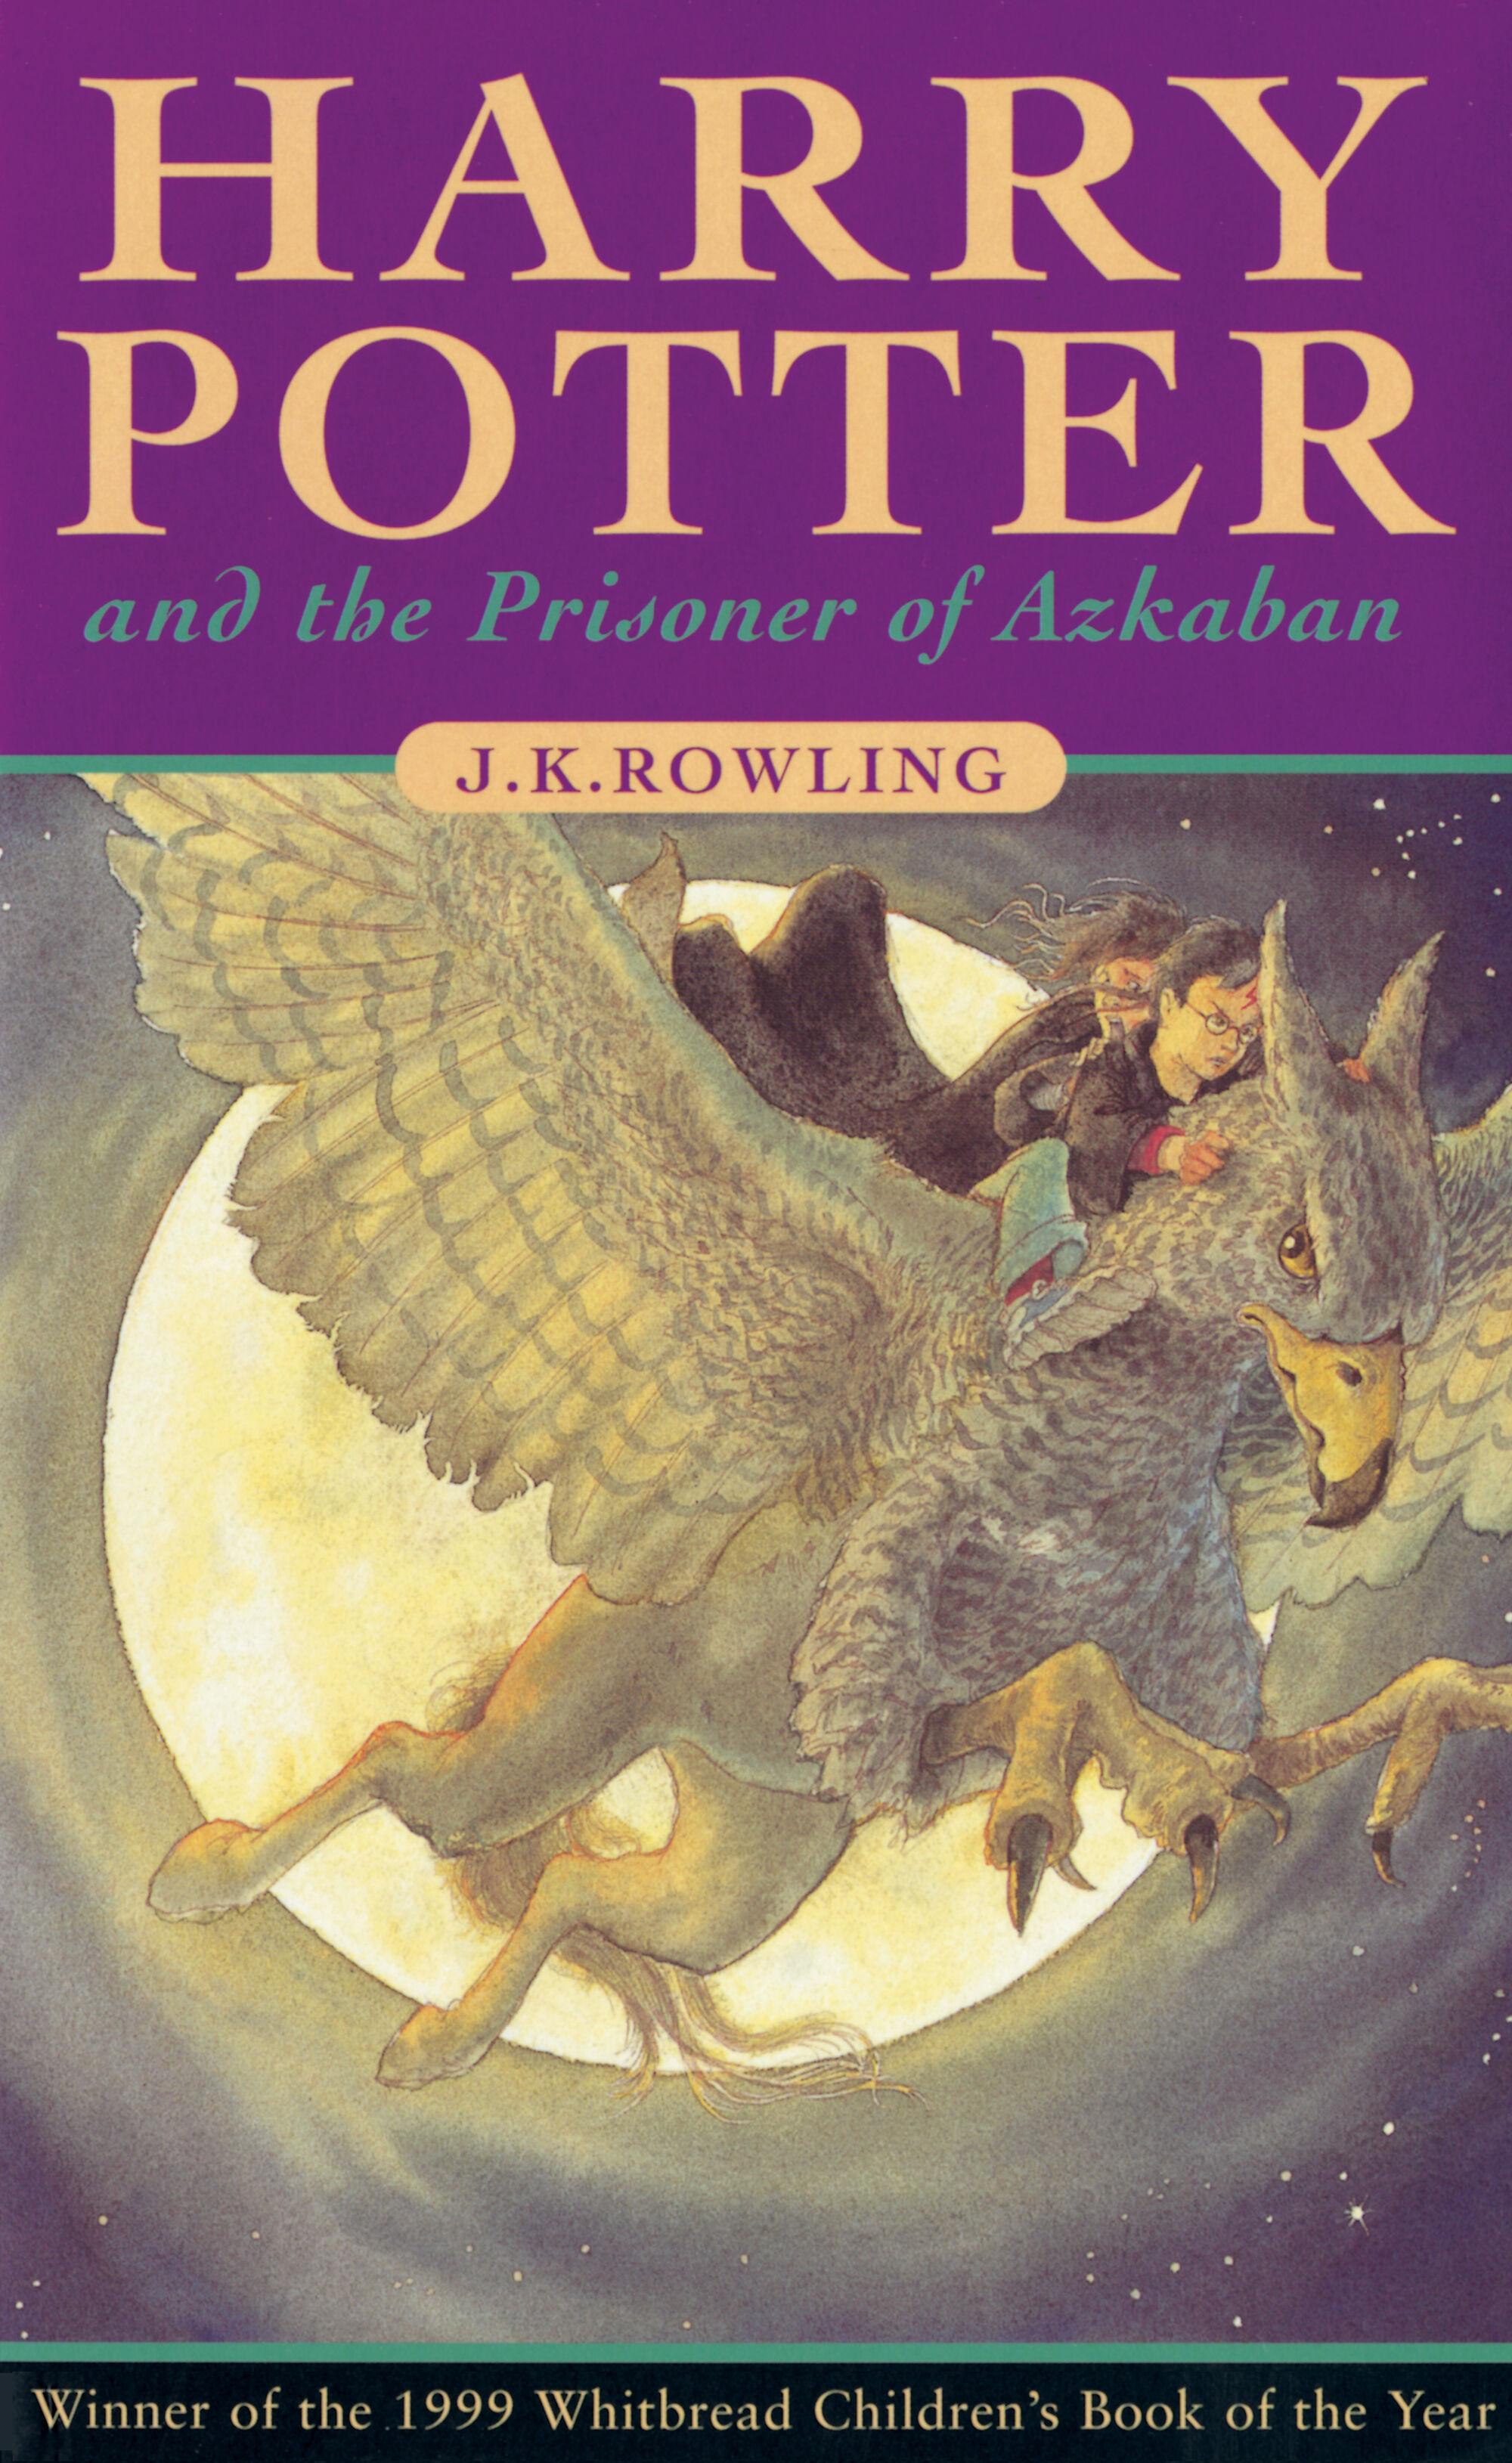 Harry Potter y el prisionero de Azkaban - Harry Potter Wiki